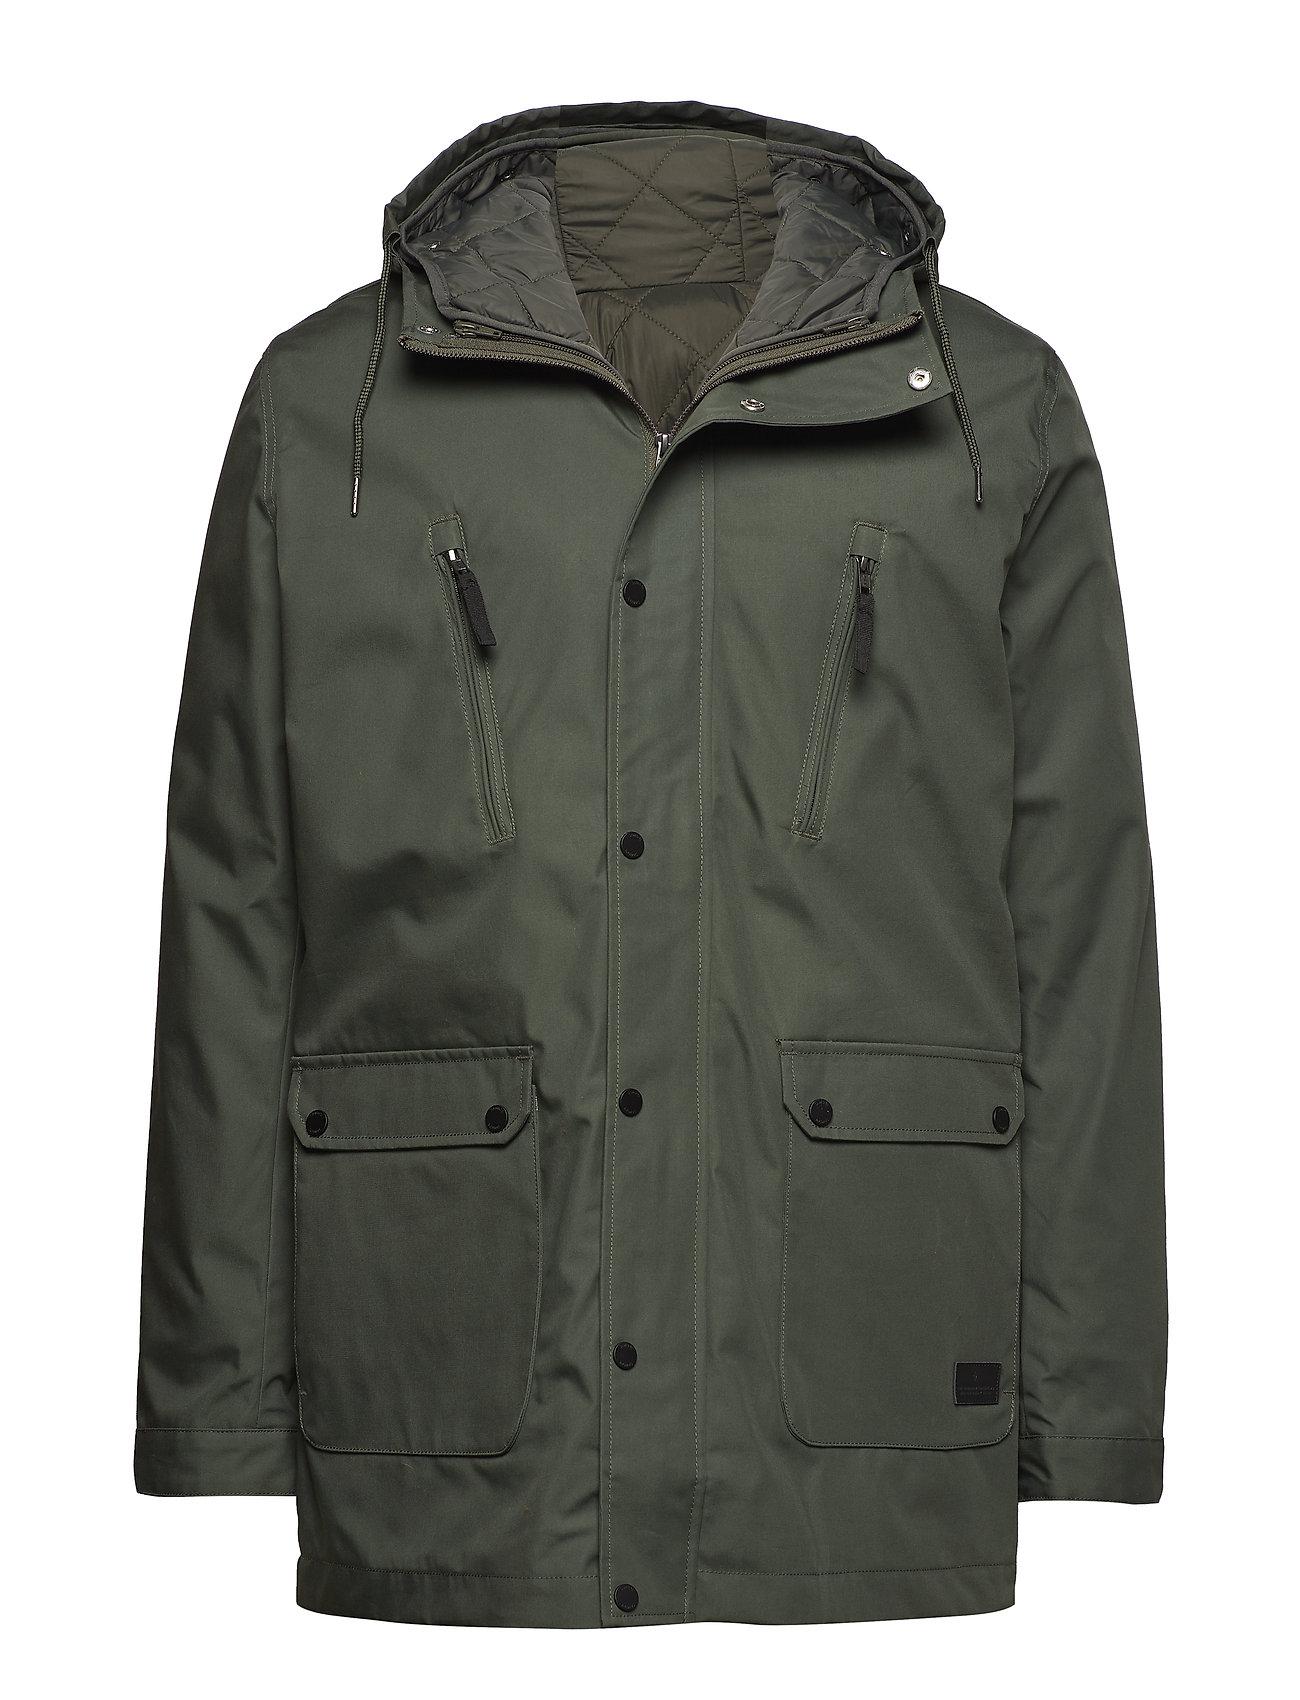 Samsøe & Samsøe Beaufort jacket 3955 - CLIMBING IVY